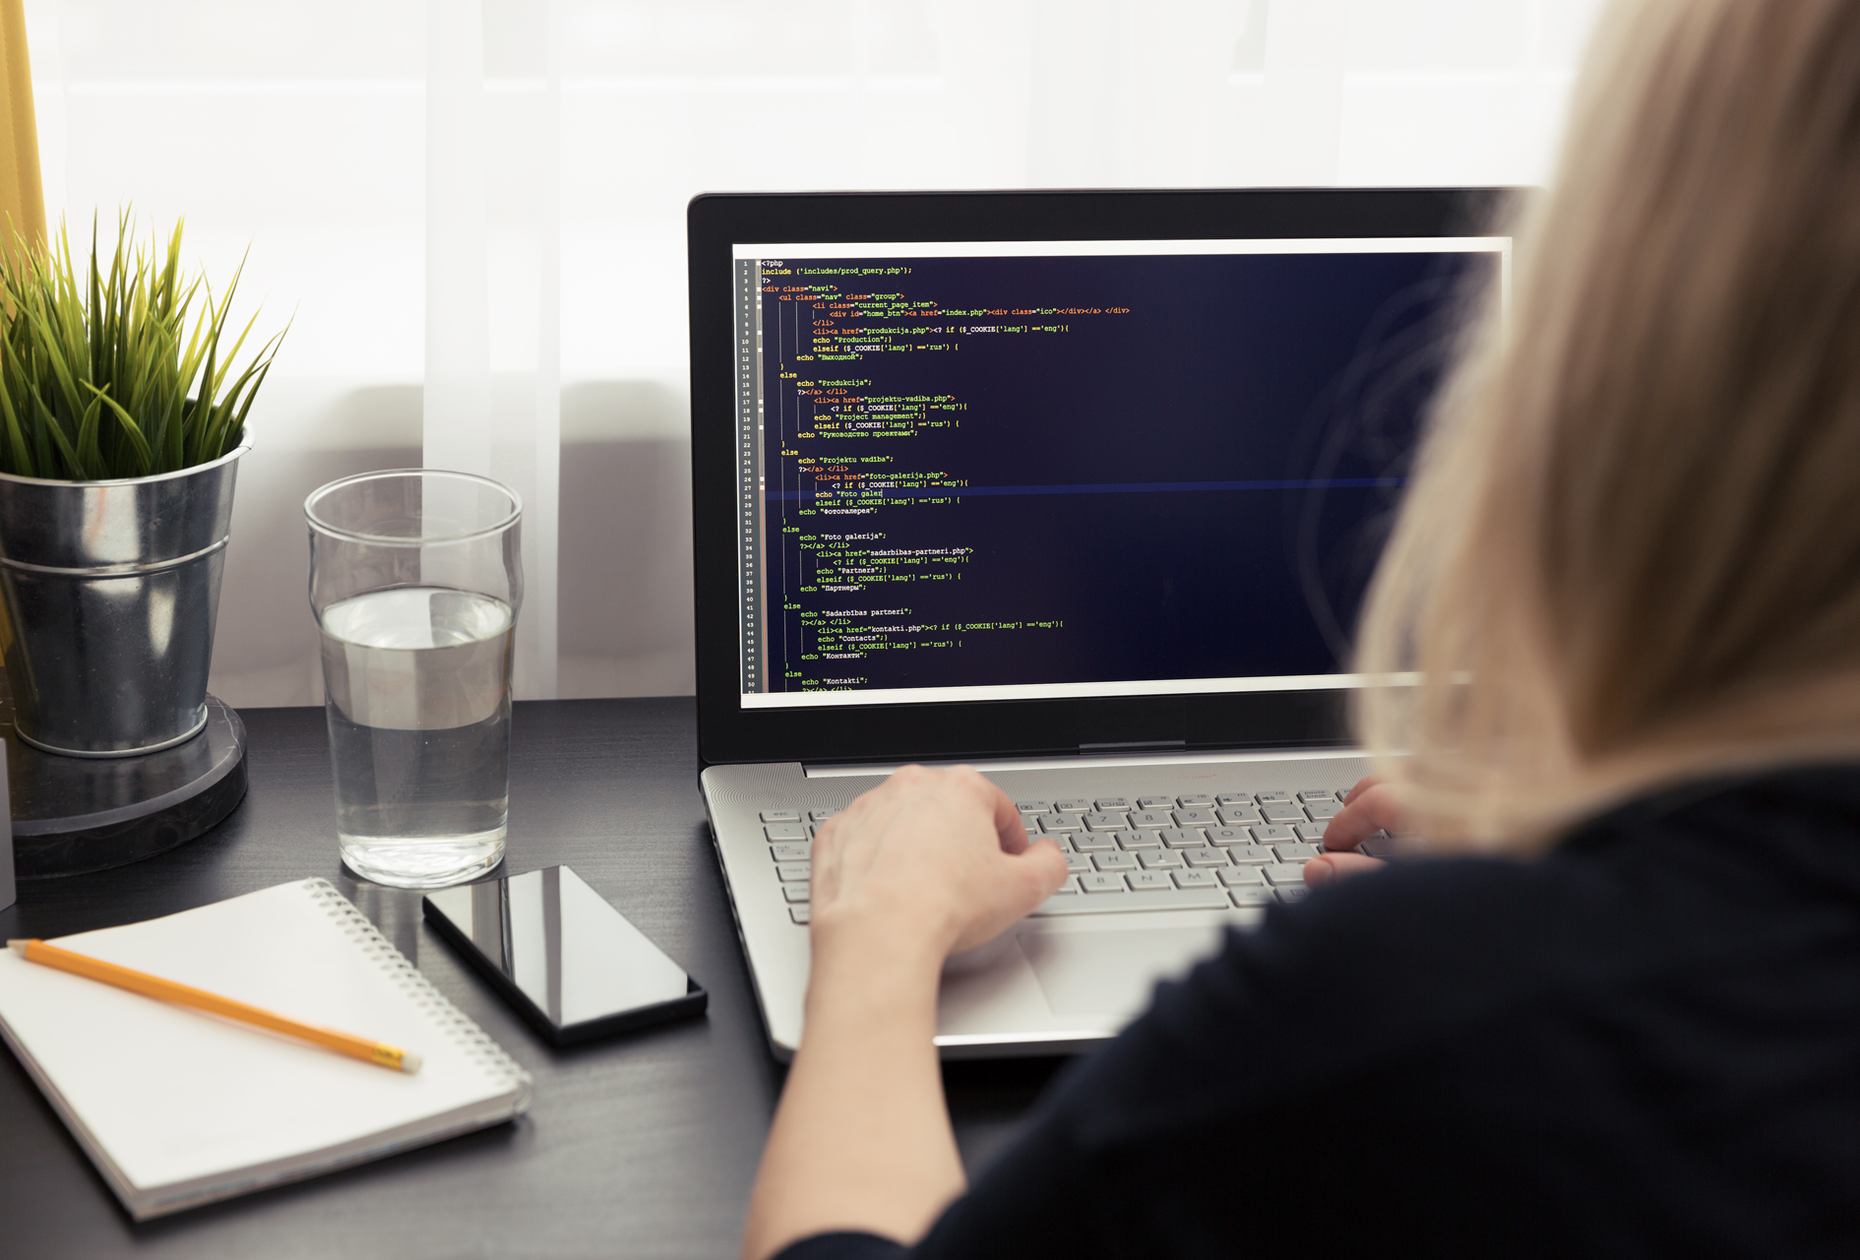 超初心者もOK!無料で学べるプログラミング学習サイト7選